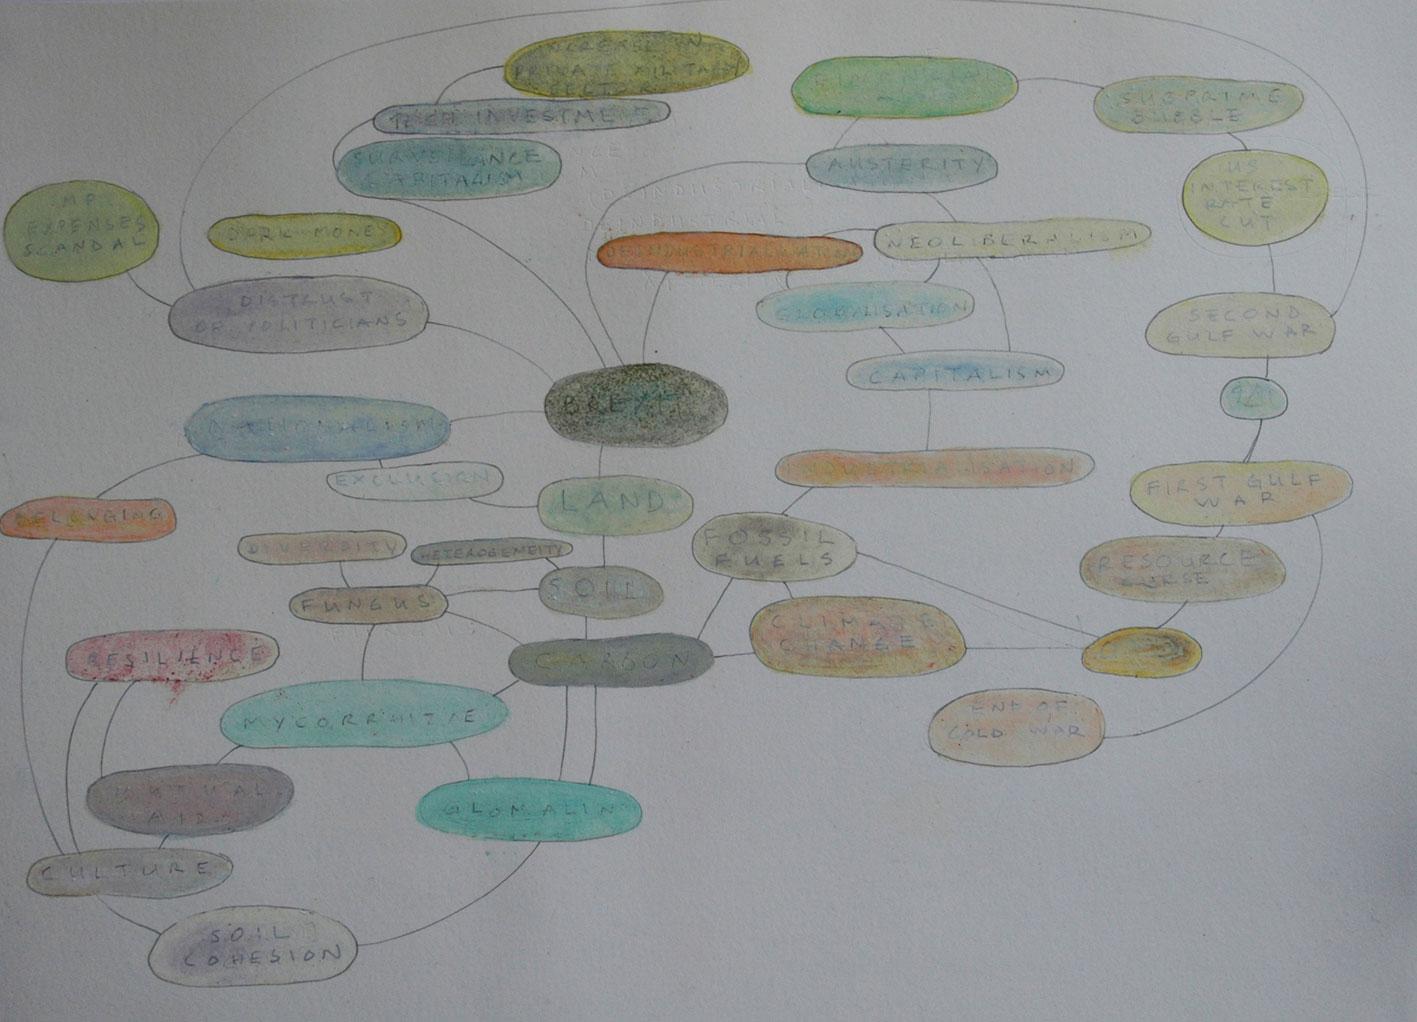 Jane-Lawson_Soil-Carbon-Fungus-Brexit-2_6410